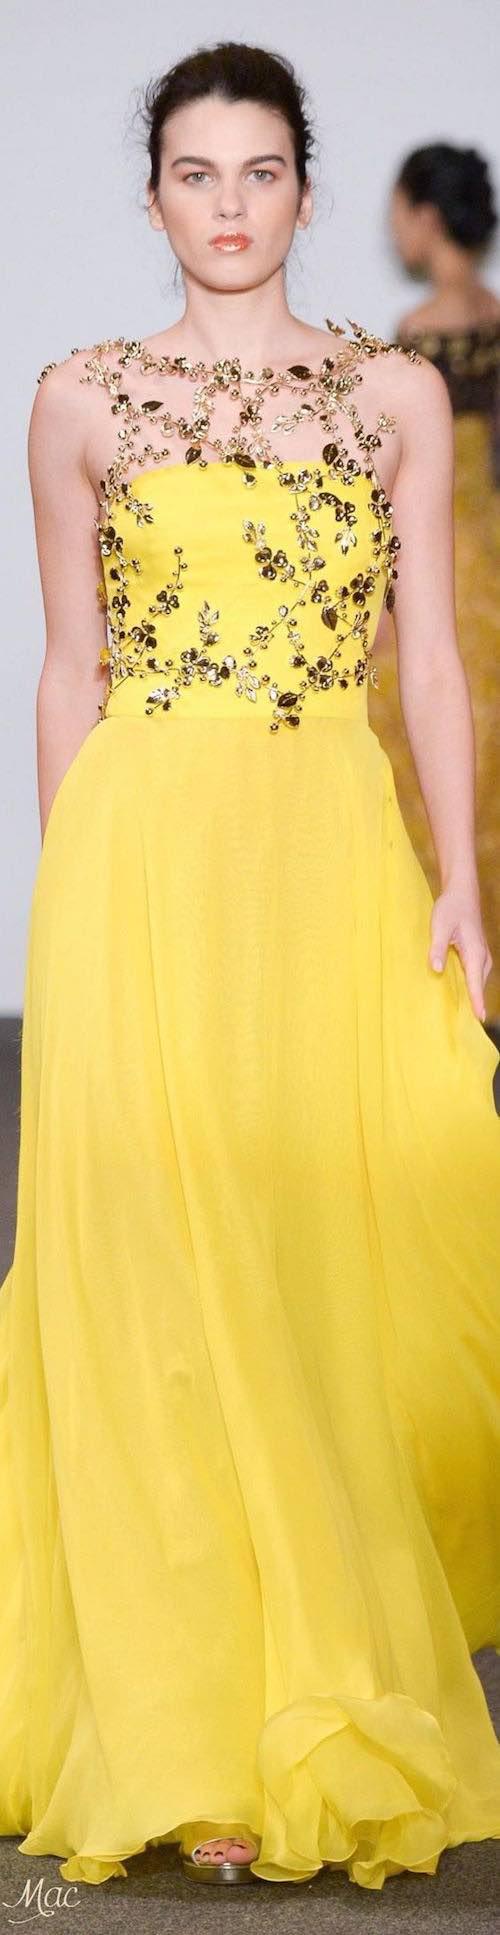 Preciosos vestidos de fiestas para gorditas de Dany Atrache 2016 Haute Couture.